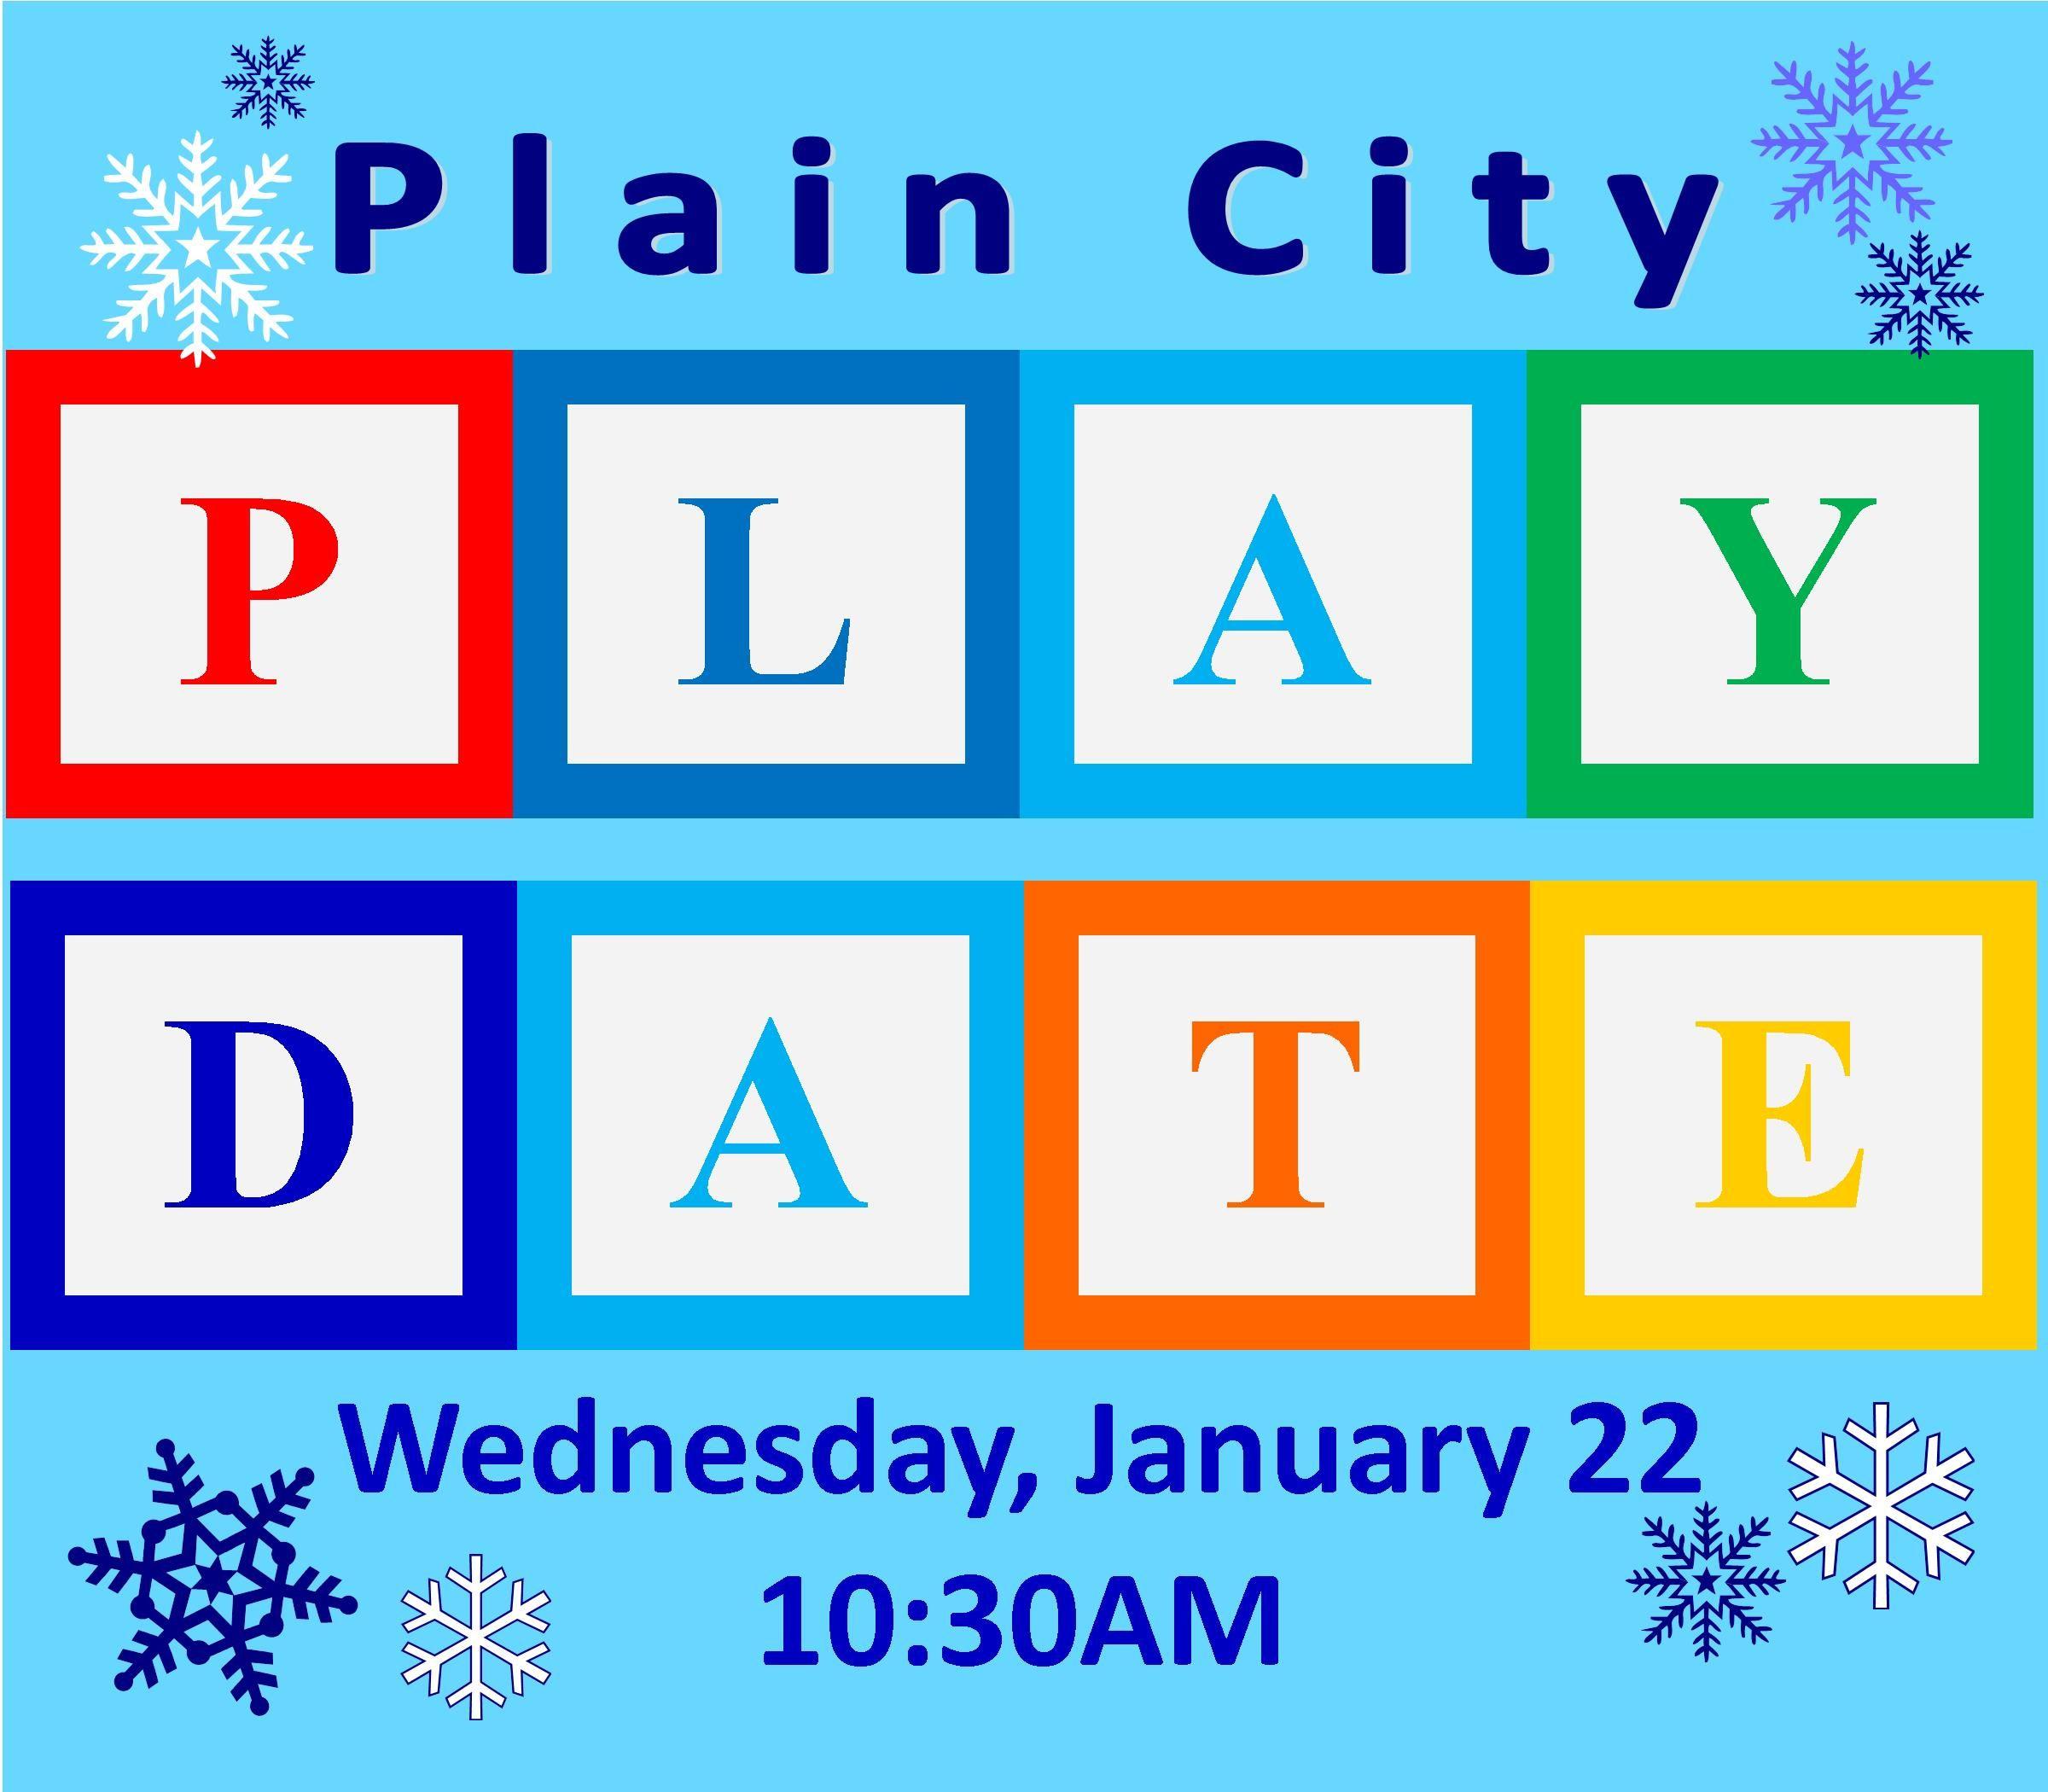 Plain City Playdate Plain City Public Library Plain City